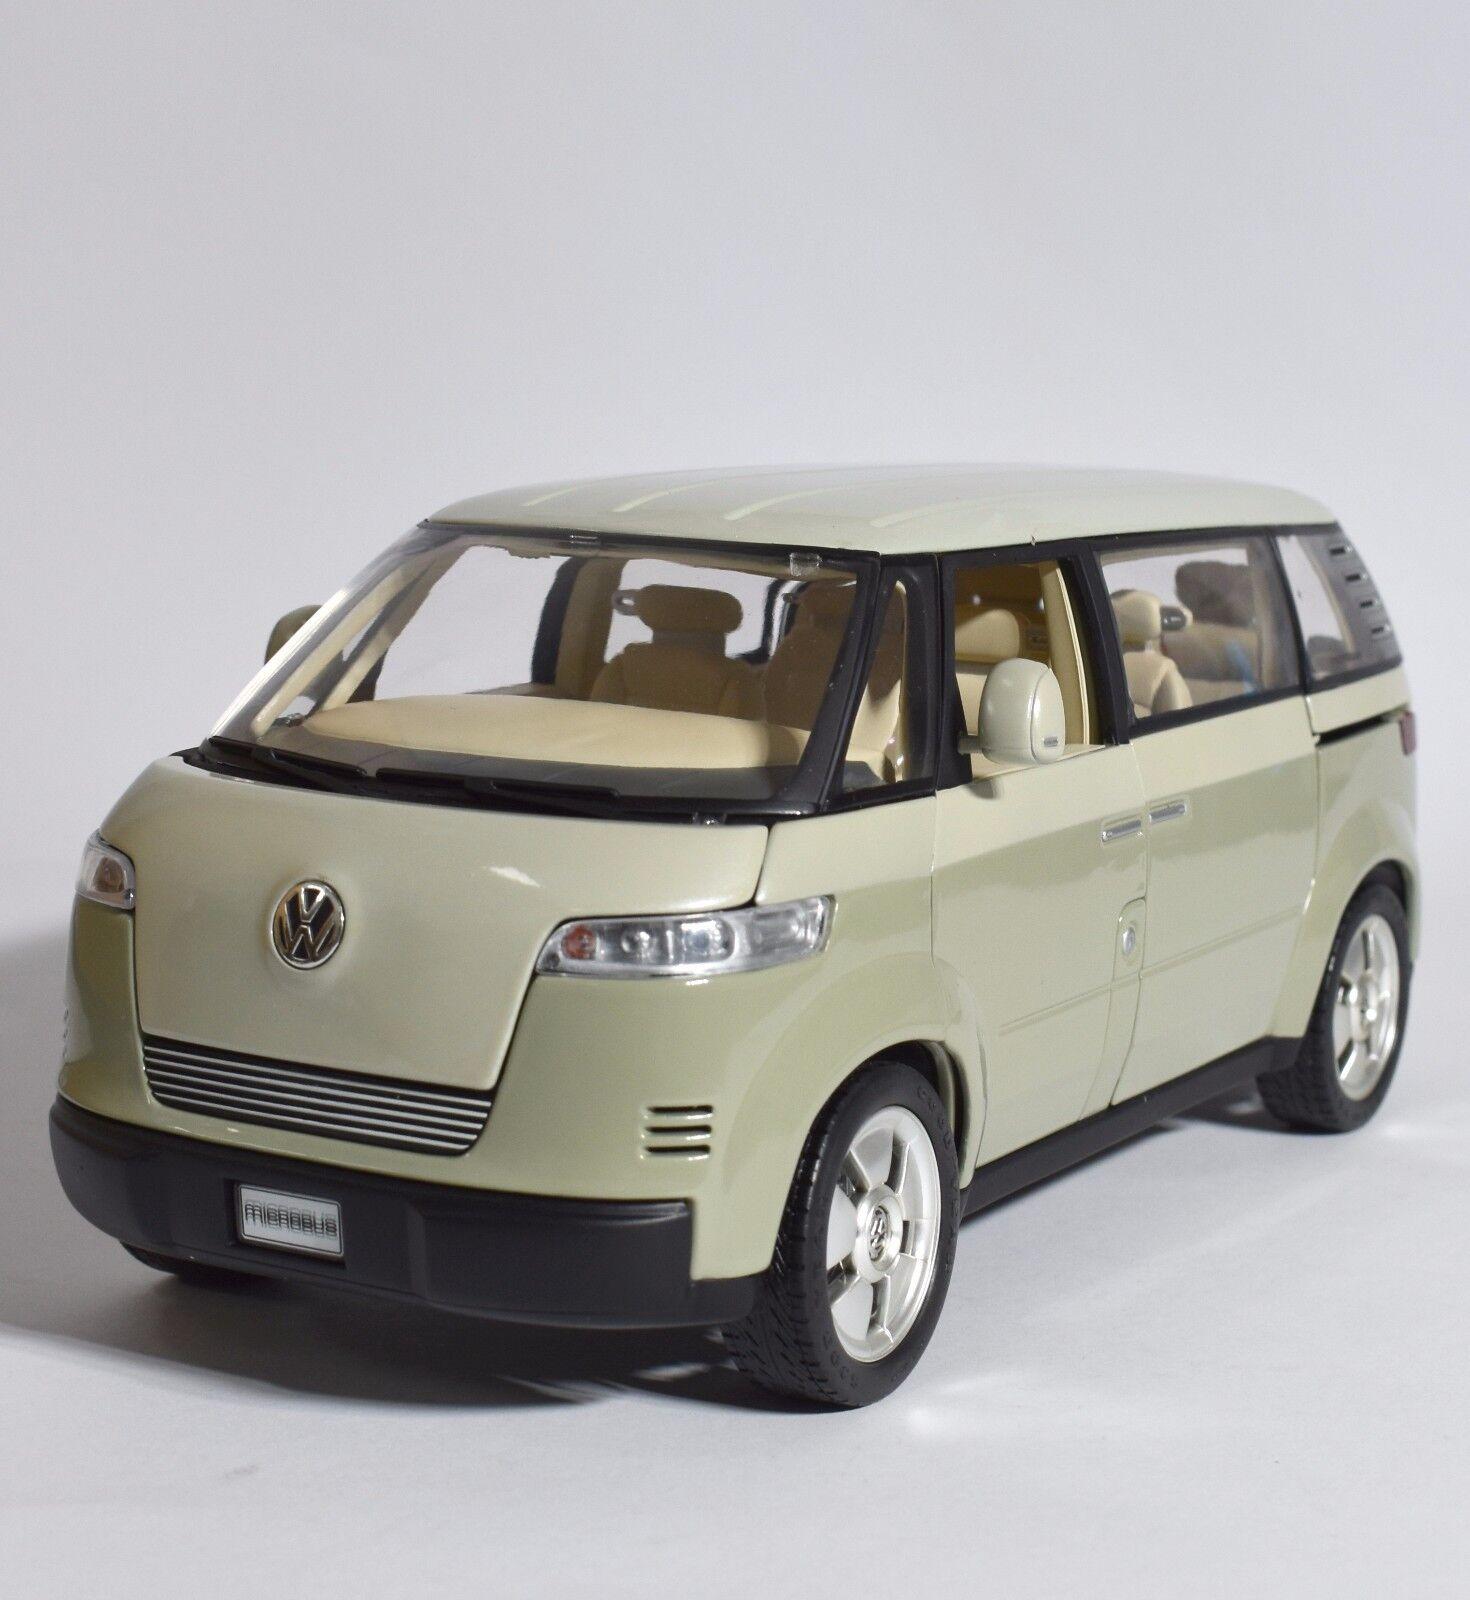 REVELL 08431 VW Volkswagen Microbus BULLY Concept Car, 1 18, NEUF dans sa boîte, k022